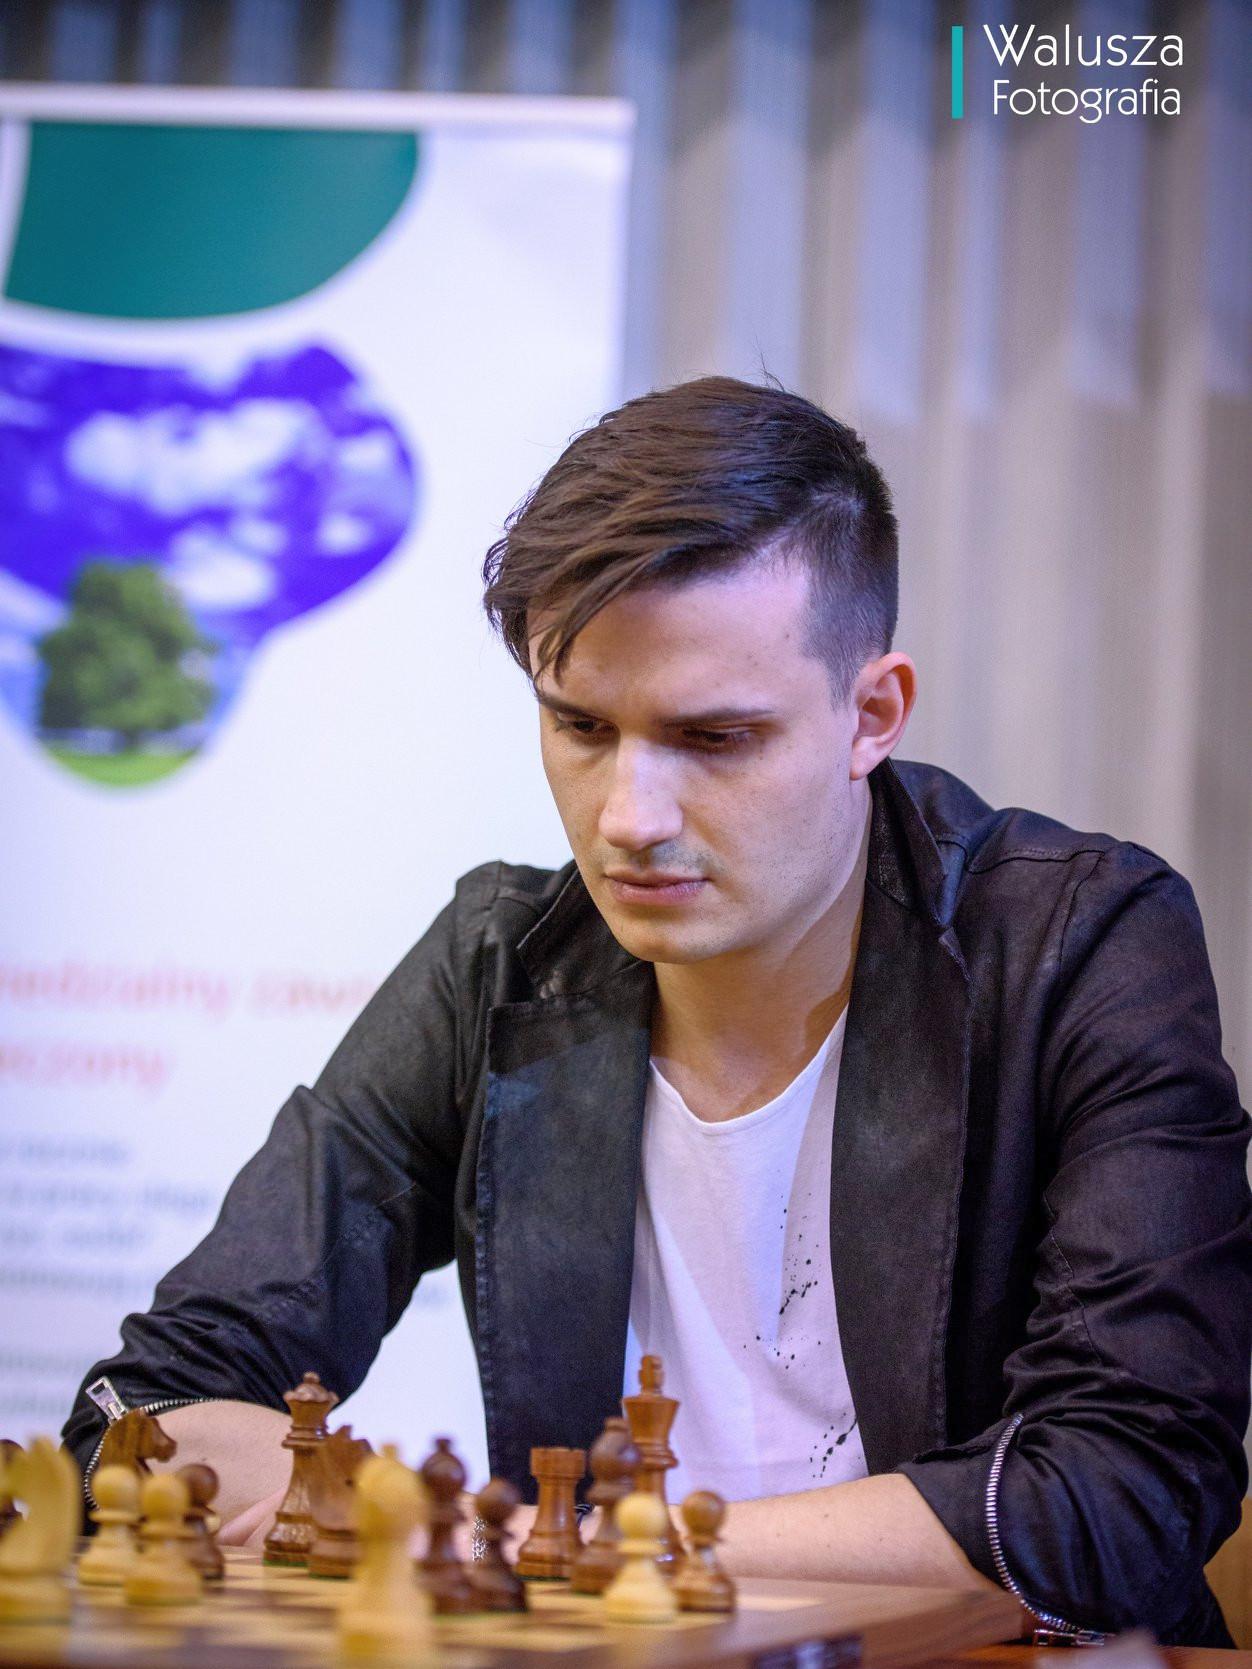 Krystian Kuźmicz